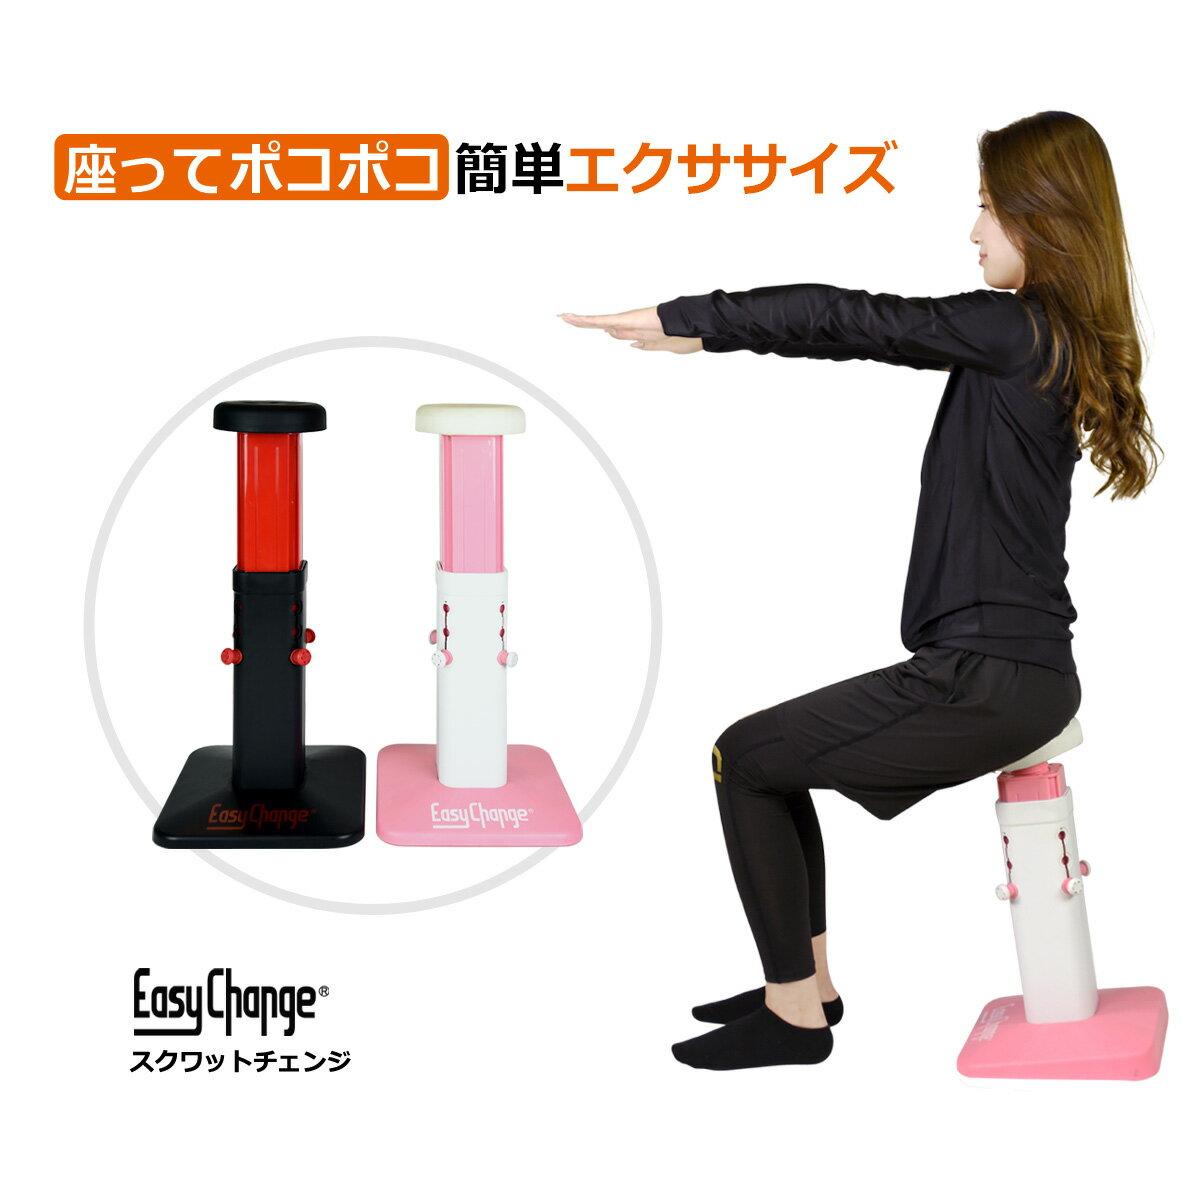 スクワットチェンジ 腹筋 美脚 スクワット 下半身 ダイエット器具 フィットネス トレーニング TVショッピング 通販 EasyChange